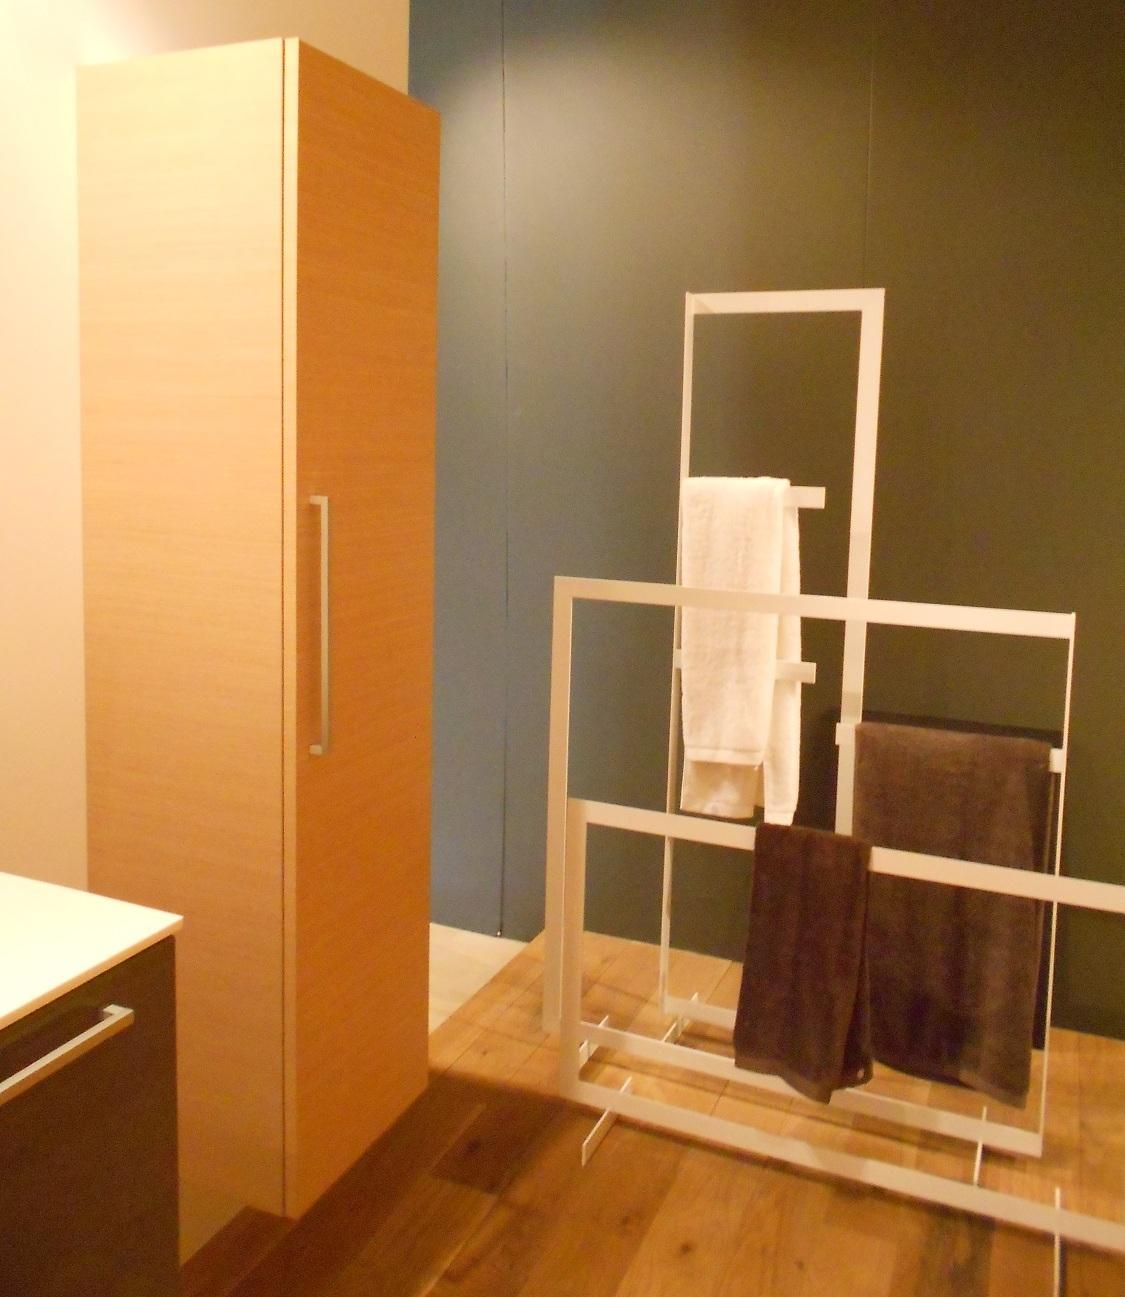 Composizione Bagno Archeda Mask Design - Scontata del -50% - Arredo bagno a prezzi scontati